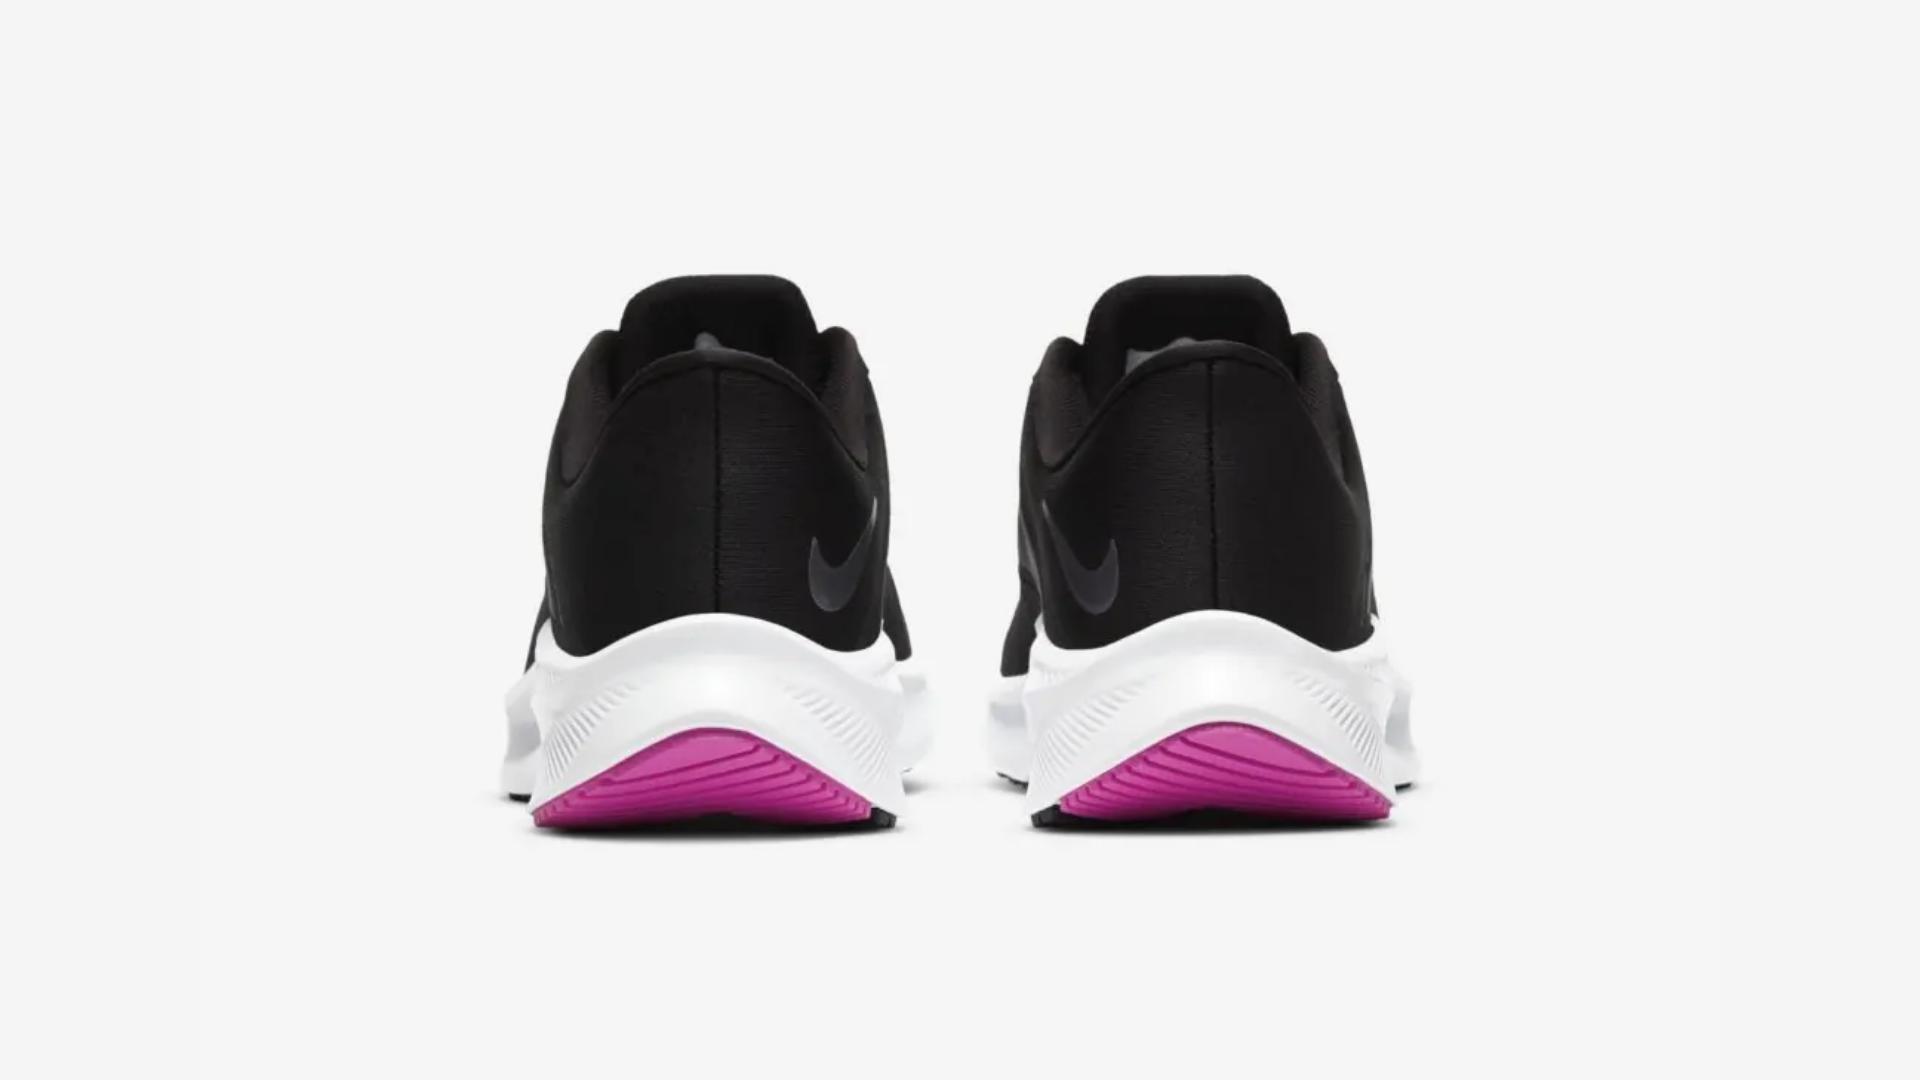 A região do calcanhar é maior que a parte da frente do Nike Quest 3 para garantir conforto (Imagem: Divulgação/Nike)